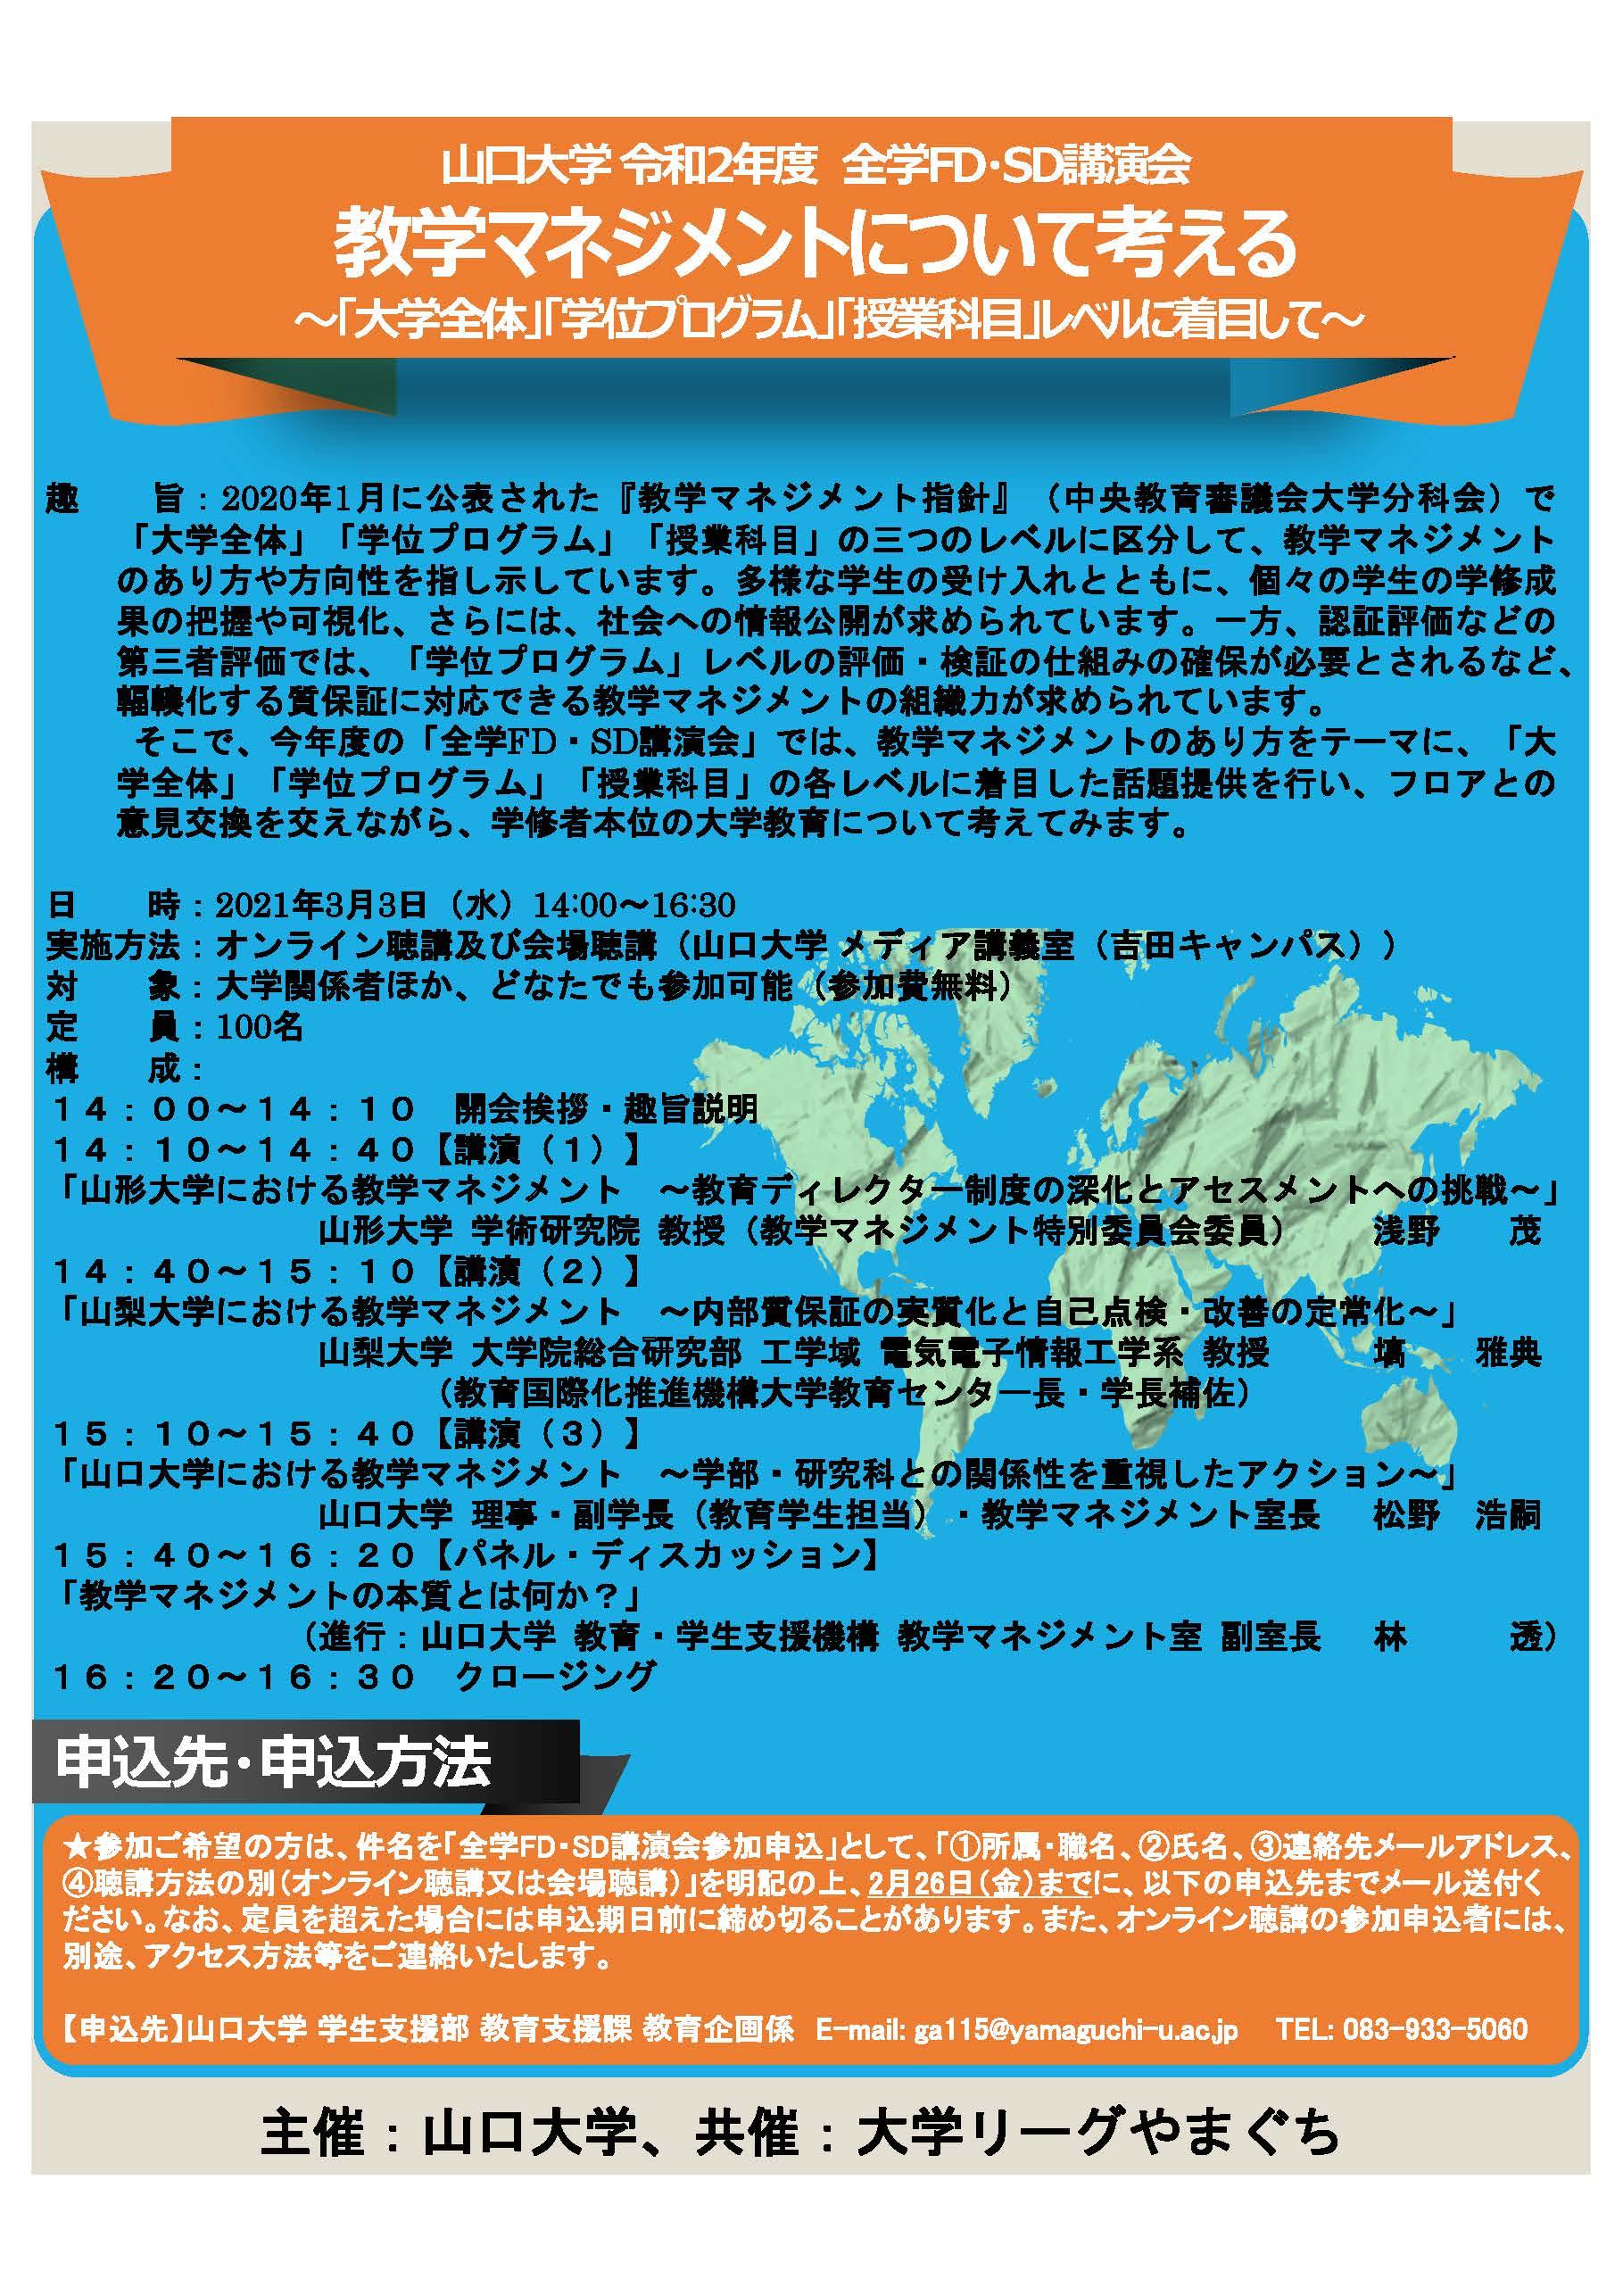 【最終版】全学FD・SD講演会チラシ20210118_ページ_1.jpg